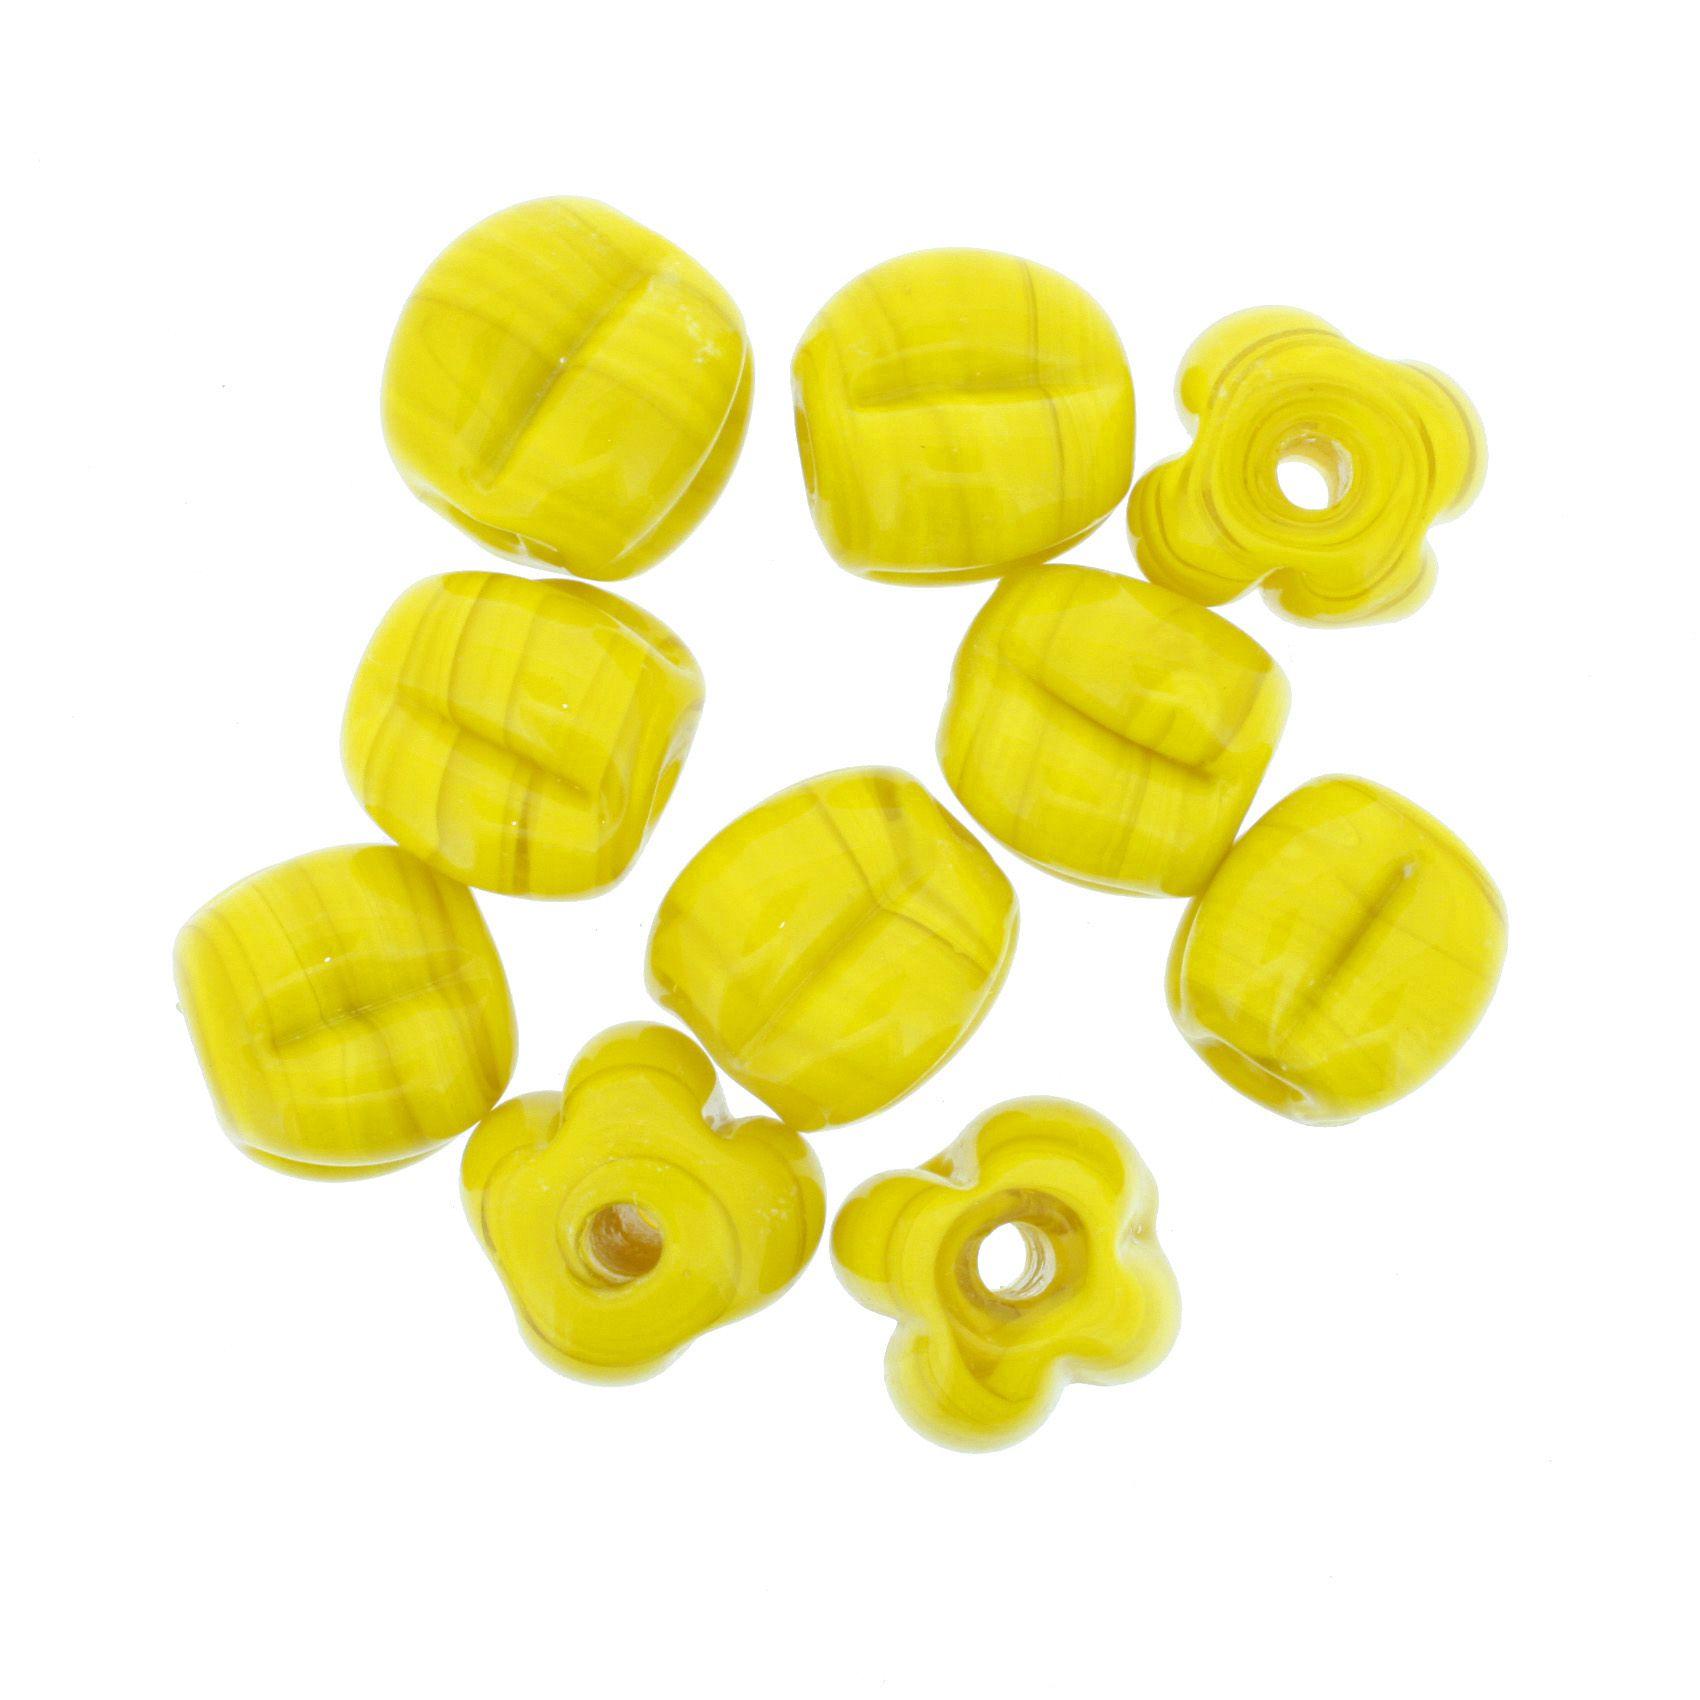 Firma Pitanga - Amarela  - Stéphanie Bijoux® - Peças para Bijuterias e Artesanato